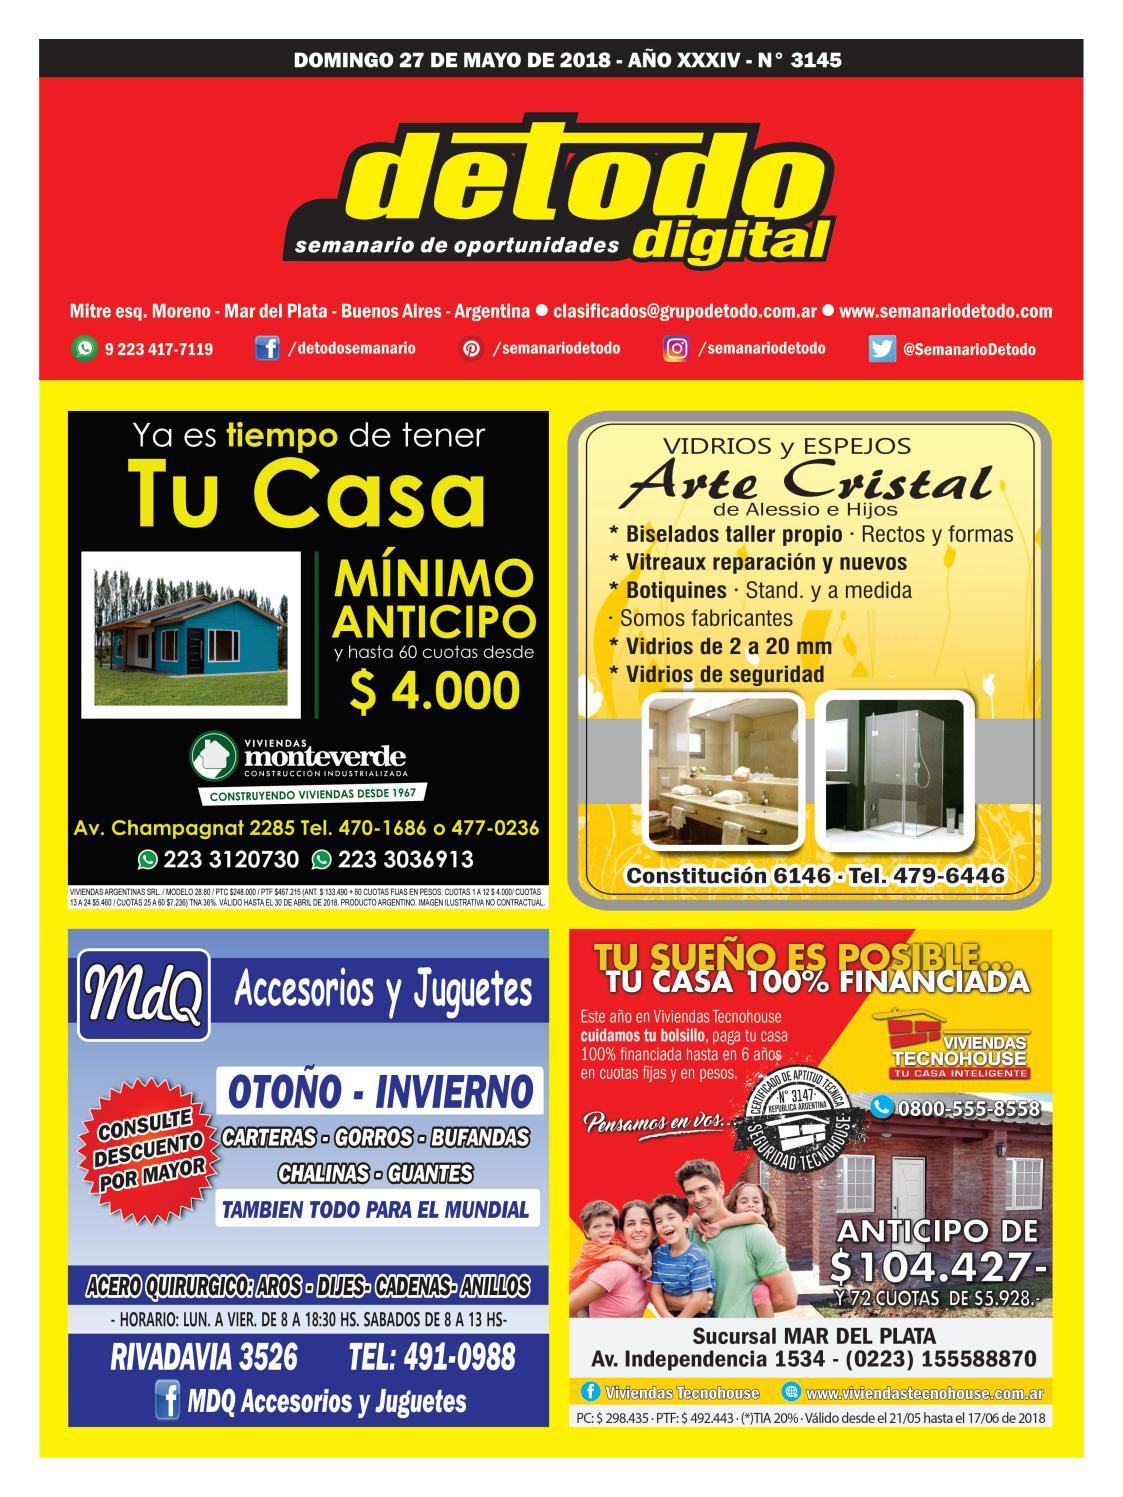 ae7fa28e89ca Semanario Detodo Digital - Edición N° 3145 - 27 05 2018 by Semanario Detodo  - issuu